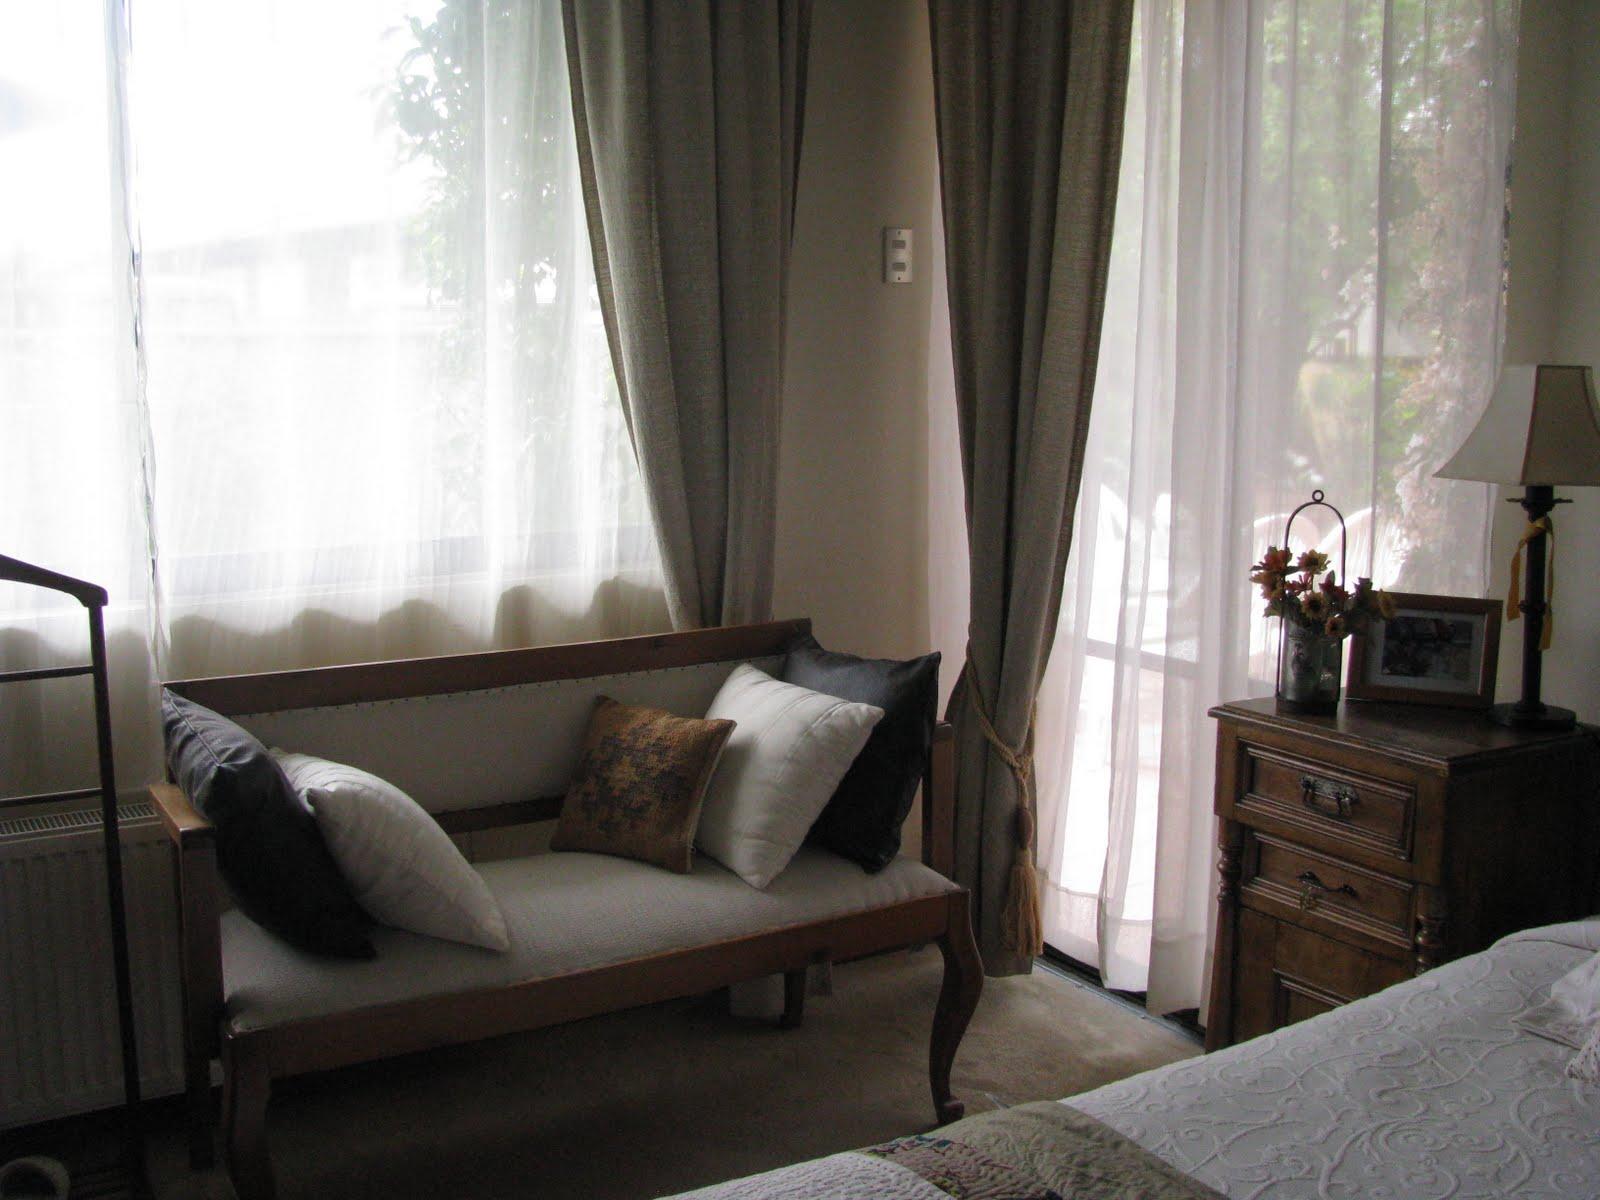 Calas decoraci n muebles antiguos rescatados - Decoracion muebles antiguos ...